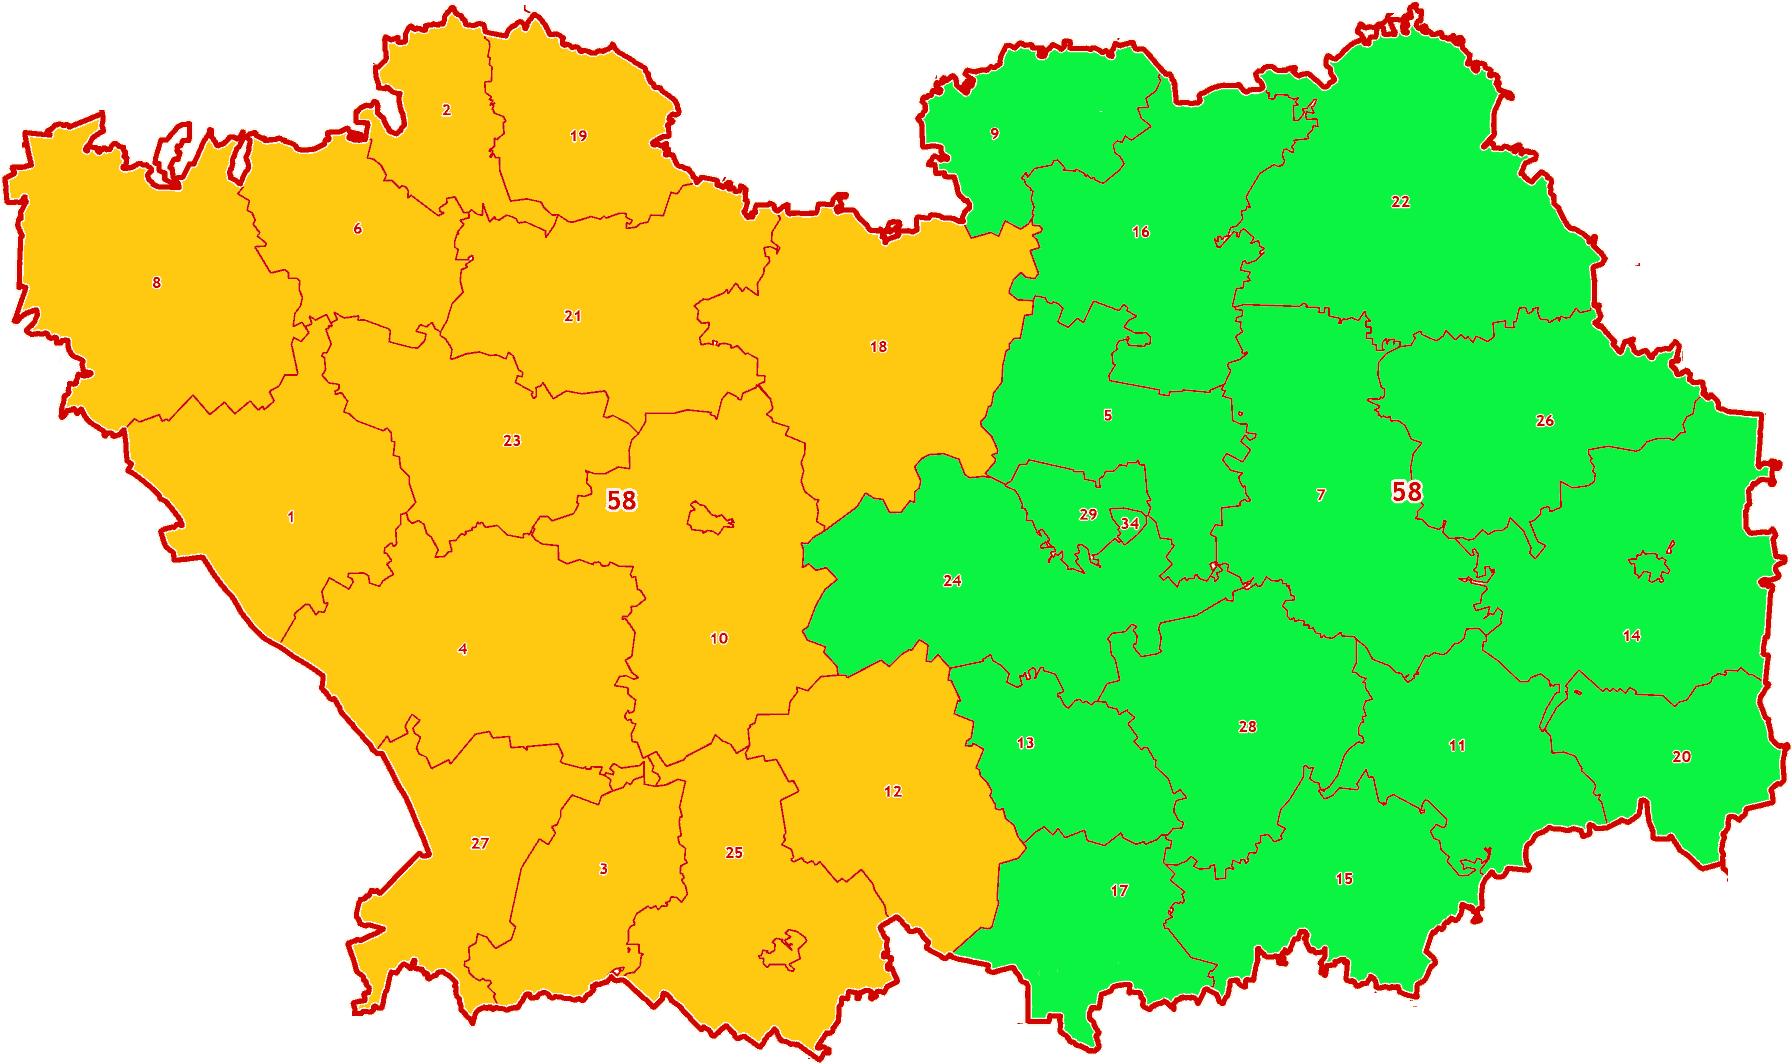 Зоны МСК-58 на территорию Пензенской области